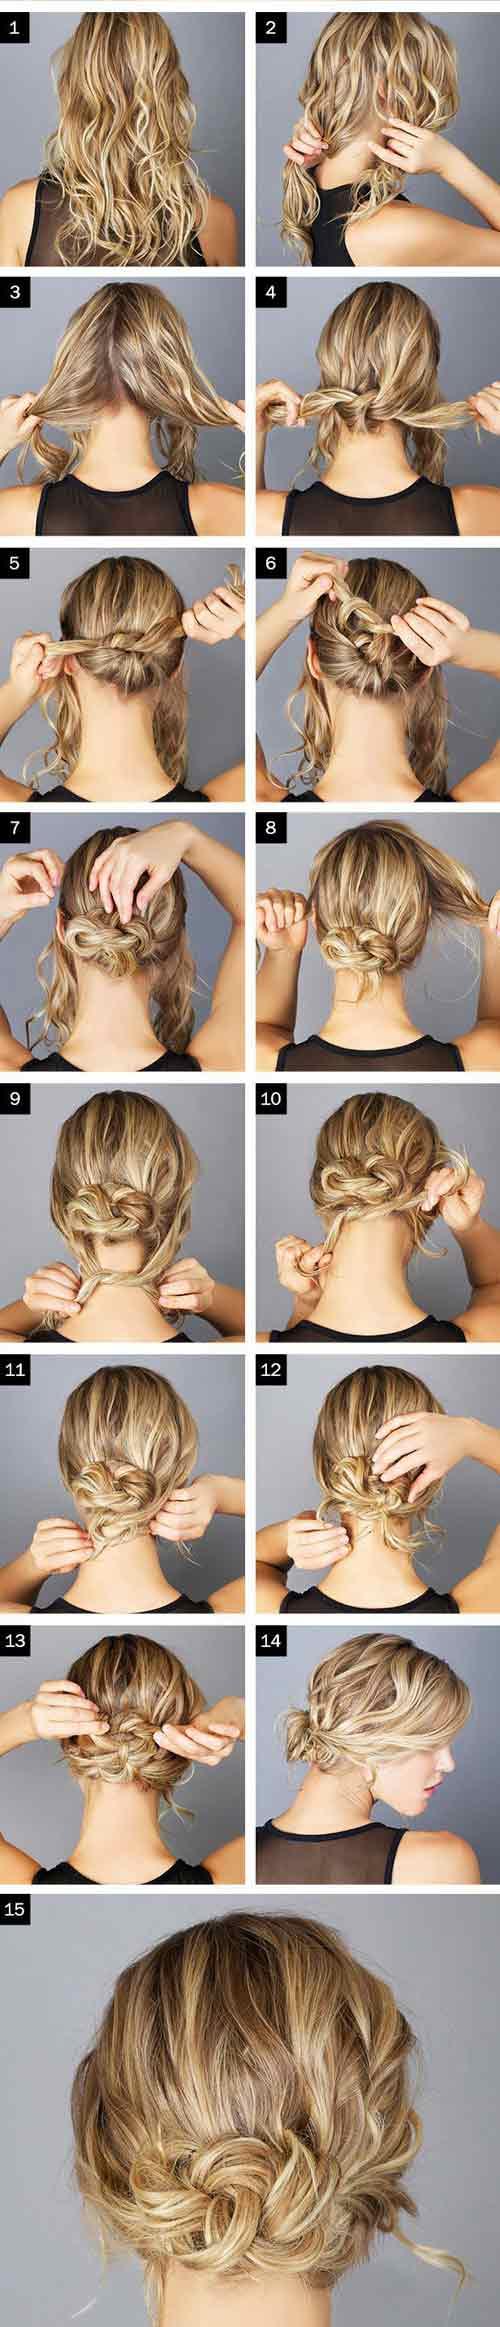 Đủ kiểu biến tấu với tóc búi cho mùa đông sôi động - 6